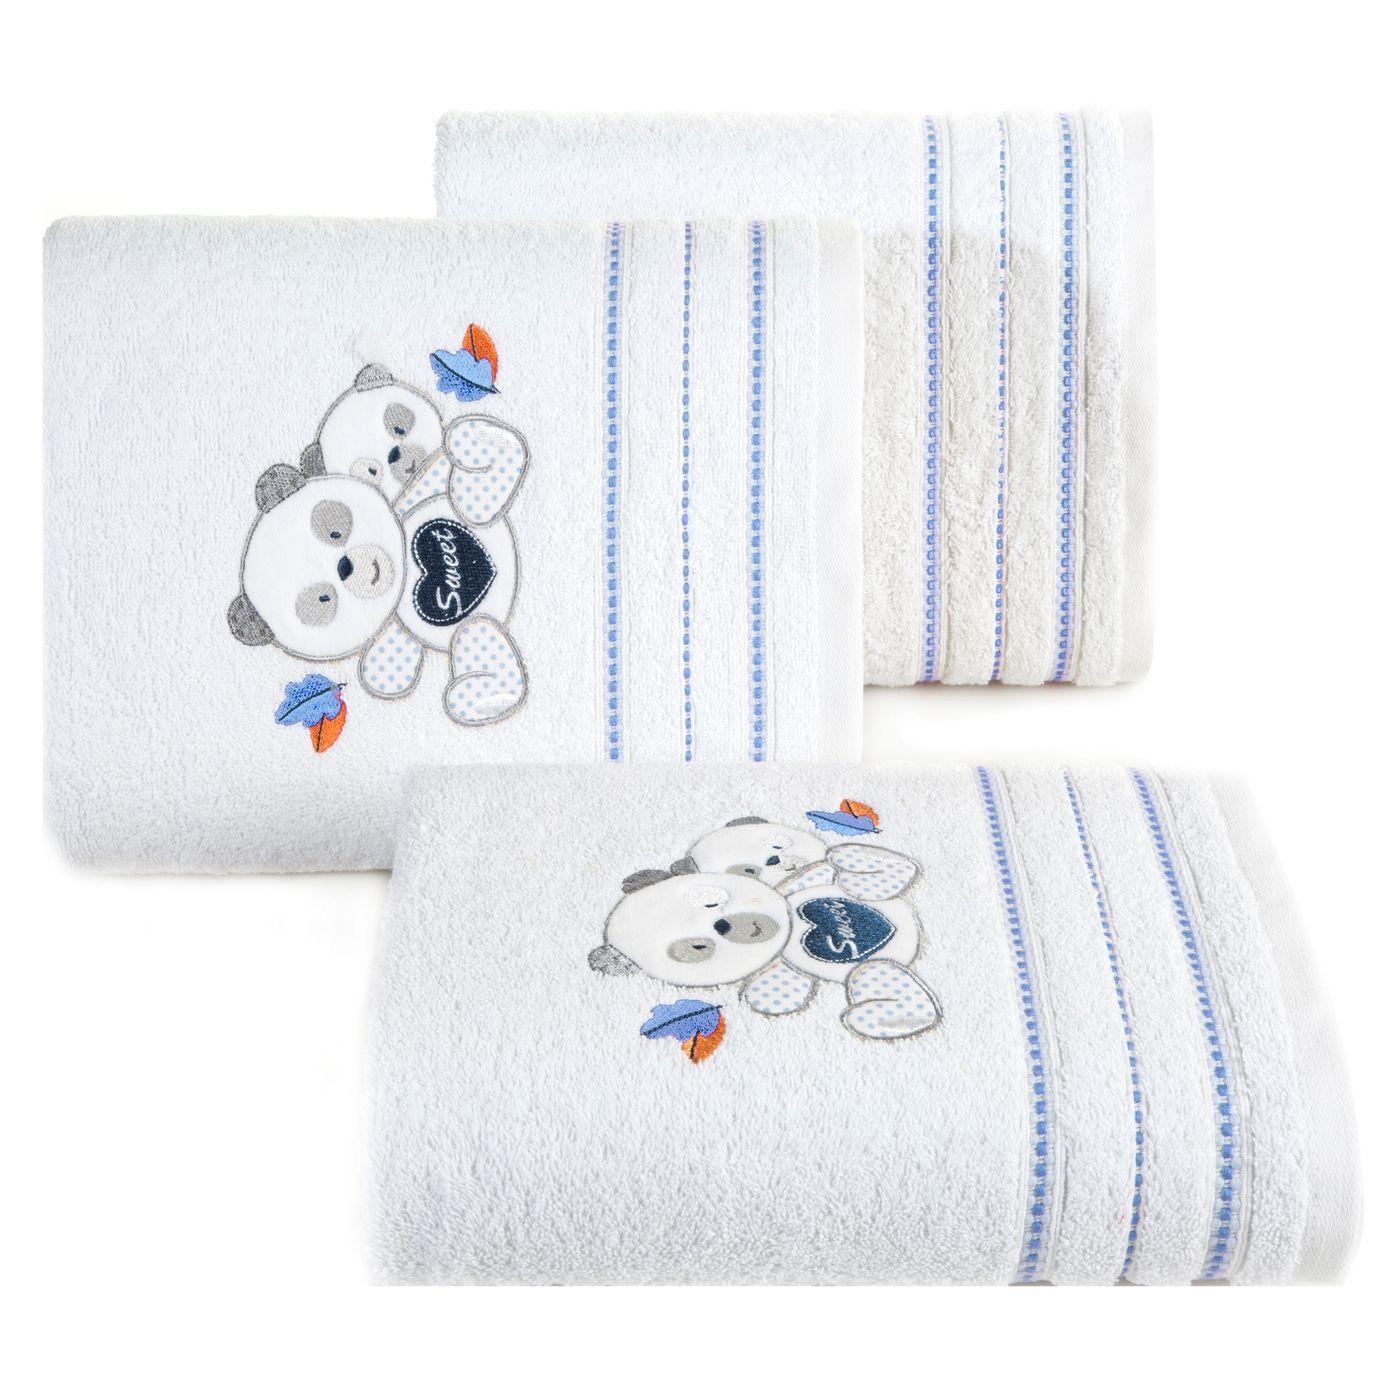 Ręcznik dziecięcy kąpielowy misie biały niebieski 50x90